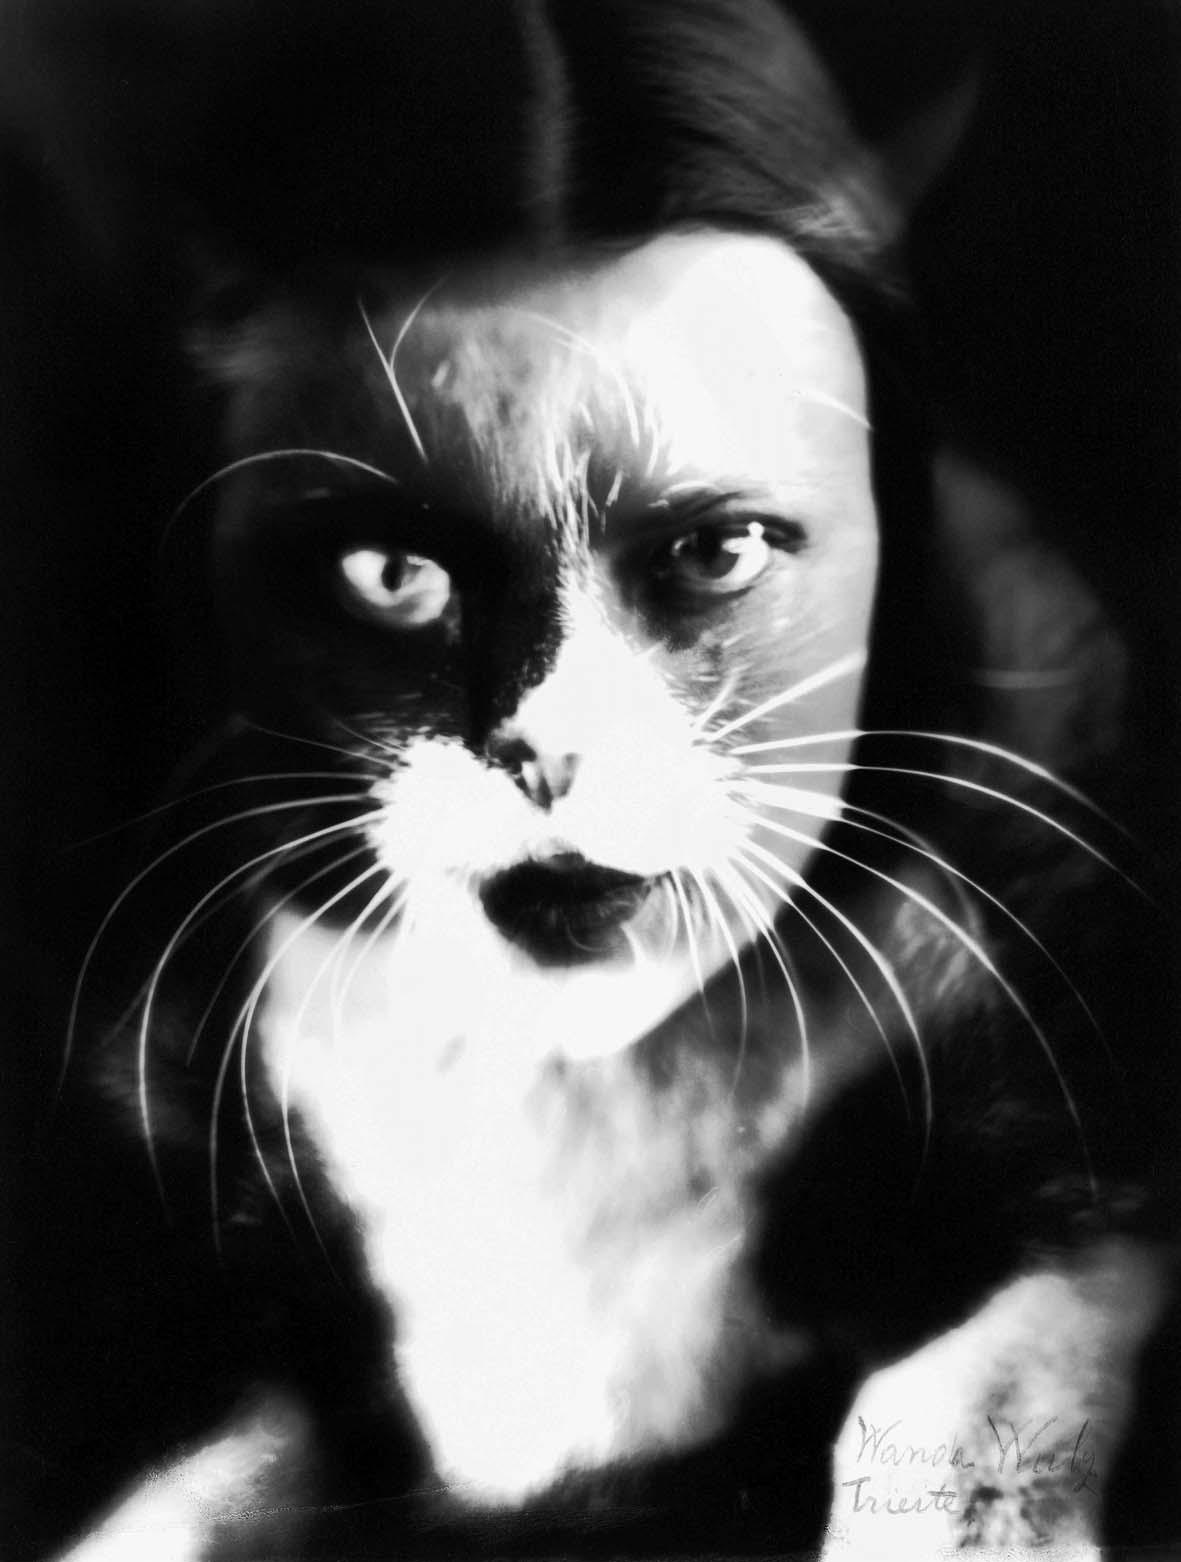 Wanda Wulz, Io + gatto, sovrimpressione del volto di Wanda Wulz con l'immagine del proprio gatto, 1932, Archivi Alinari Firenze